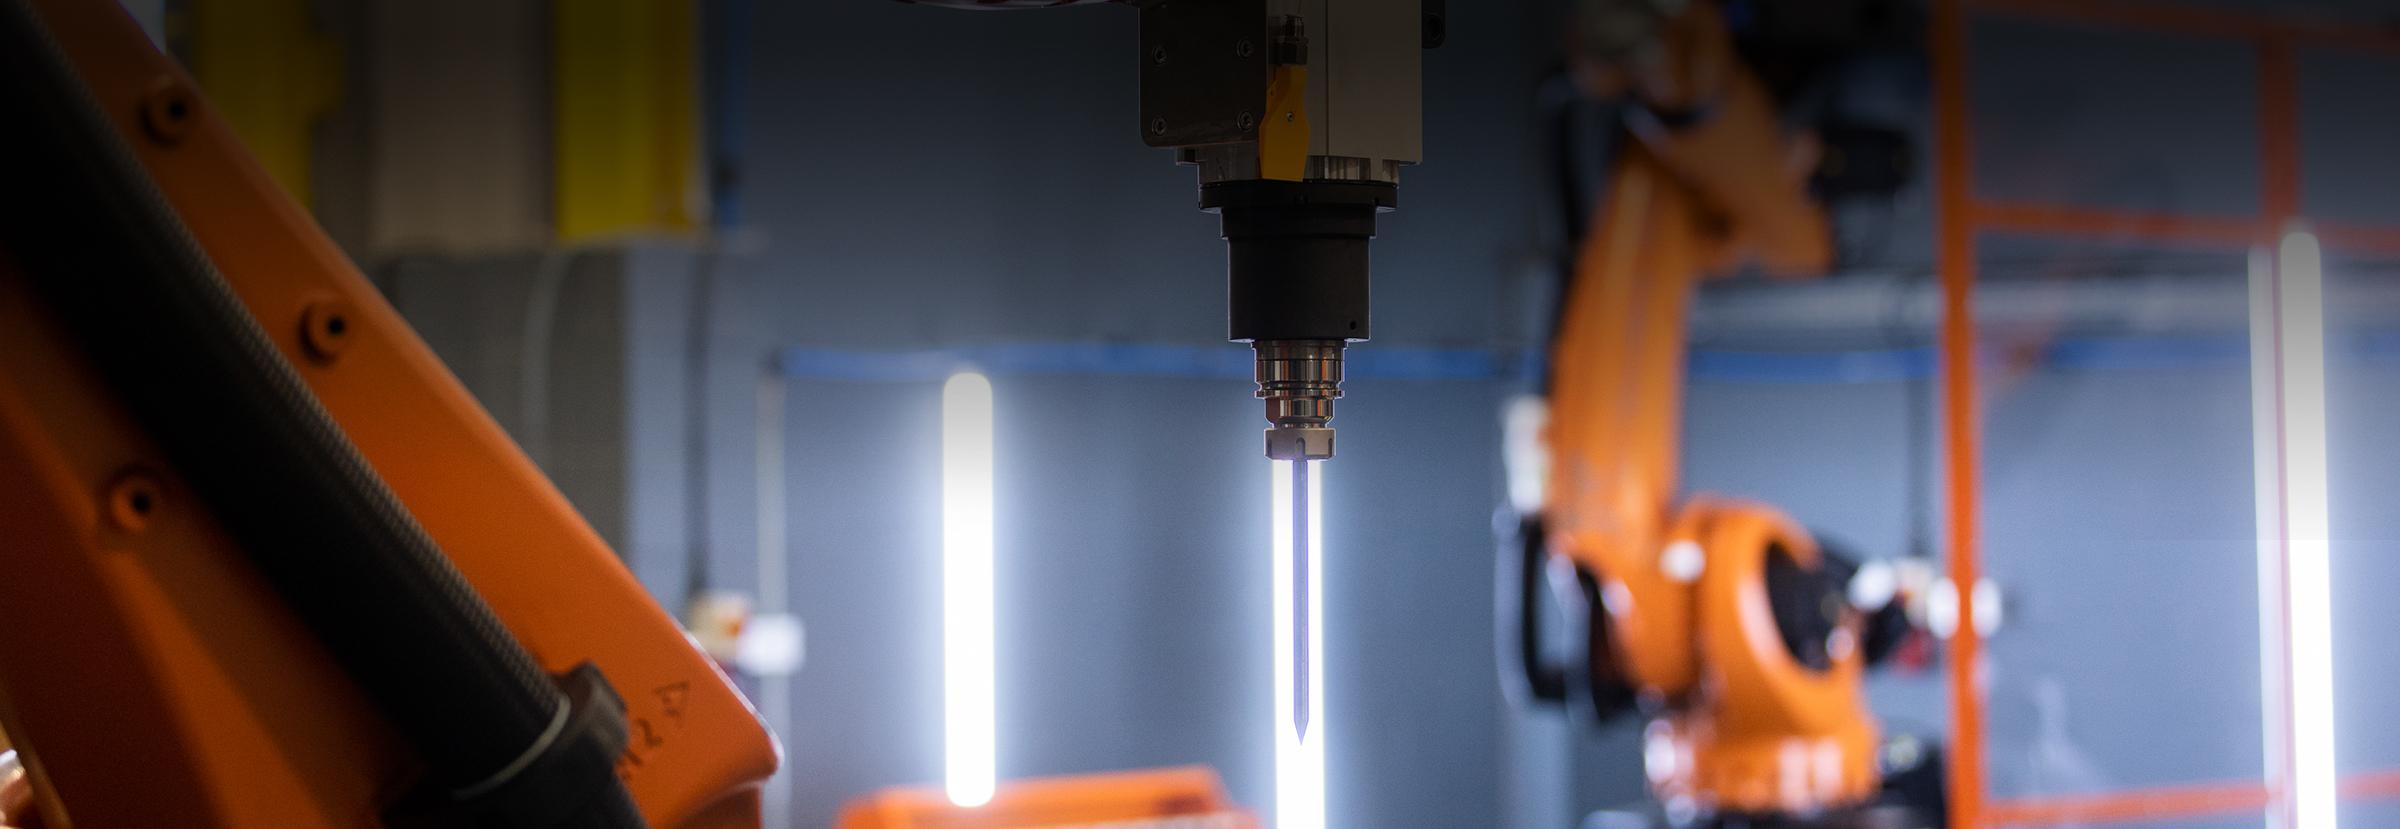 robot trimming